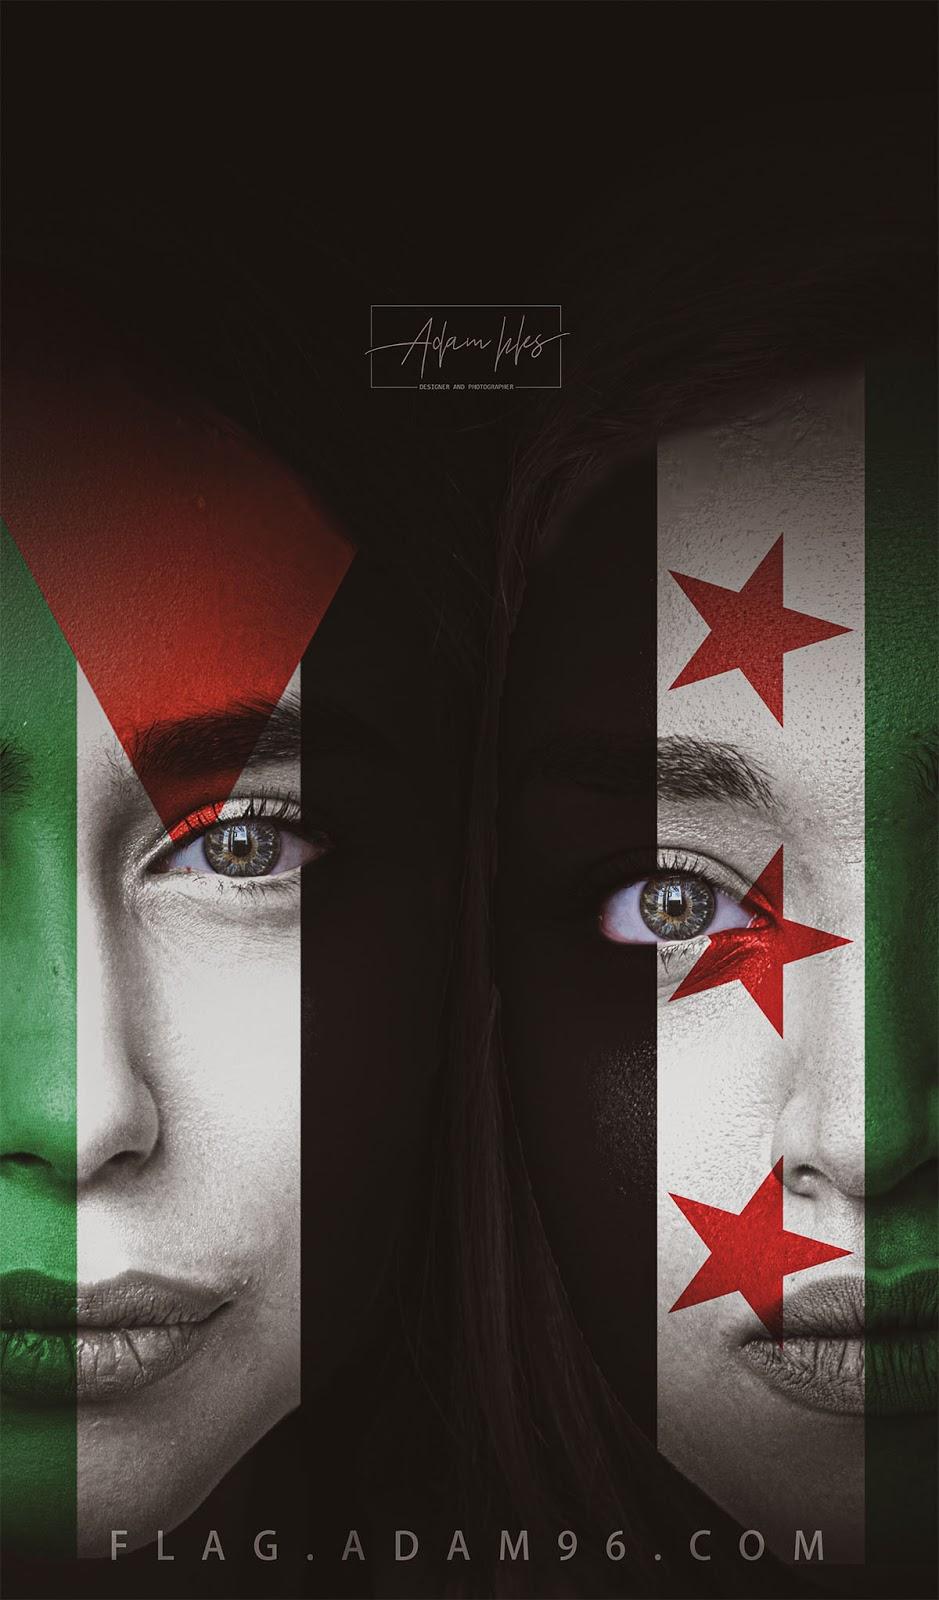 خلفية سوريا الحرة وفلسطين